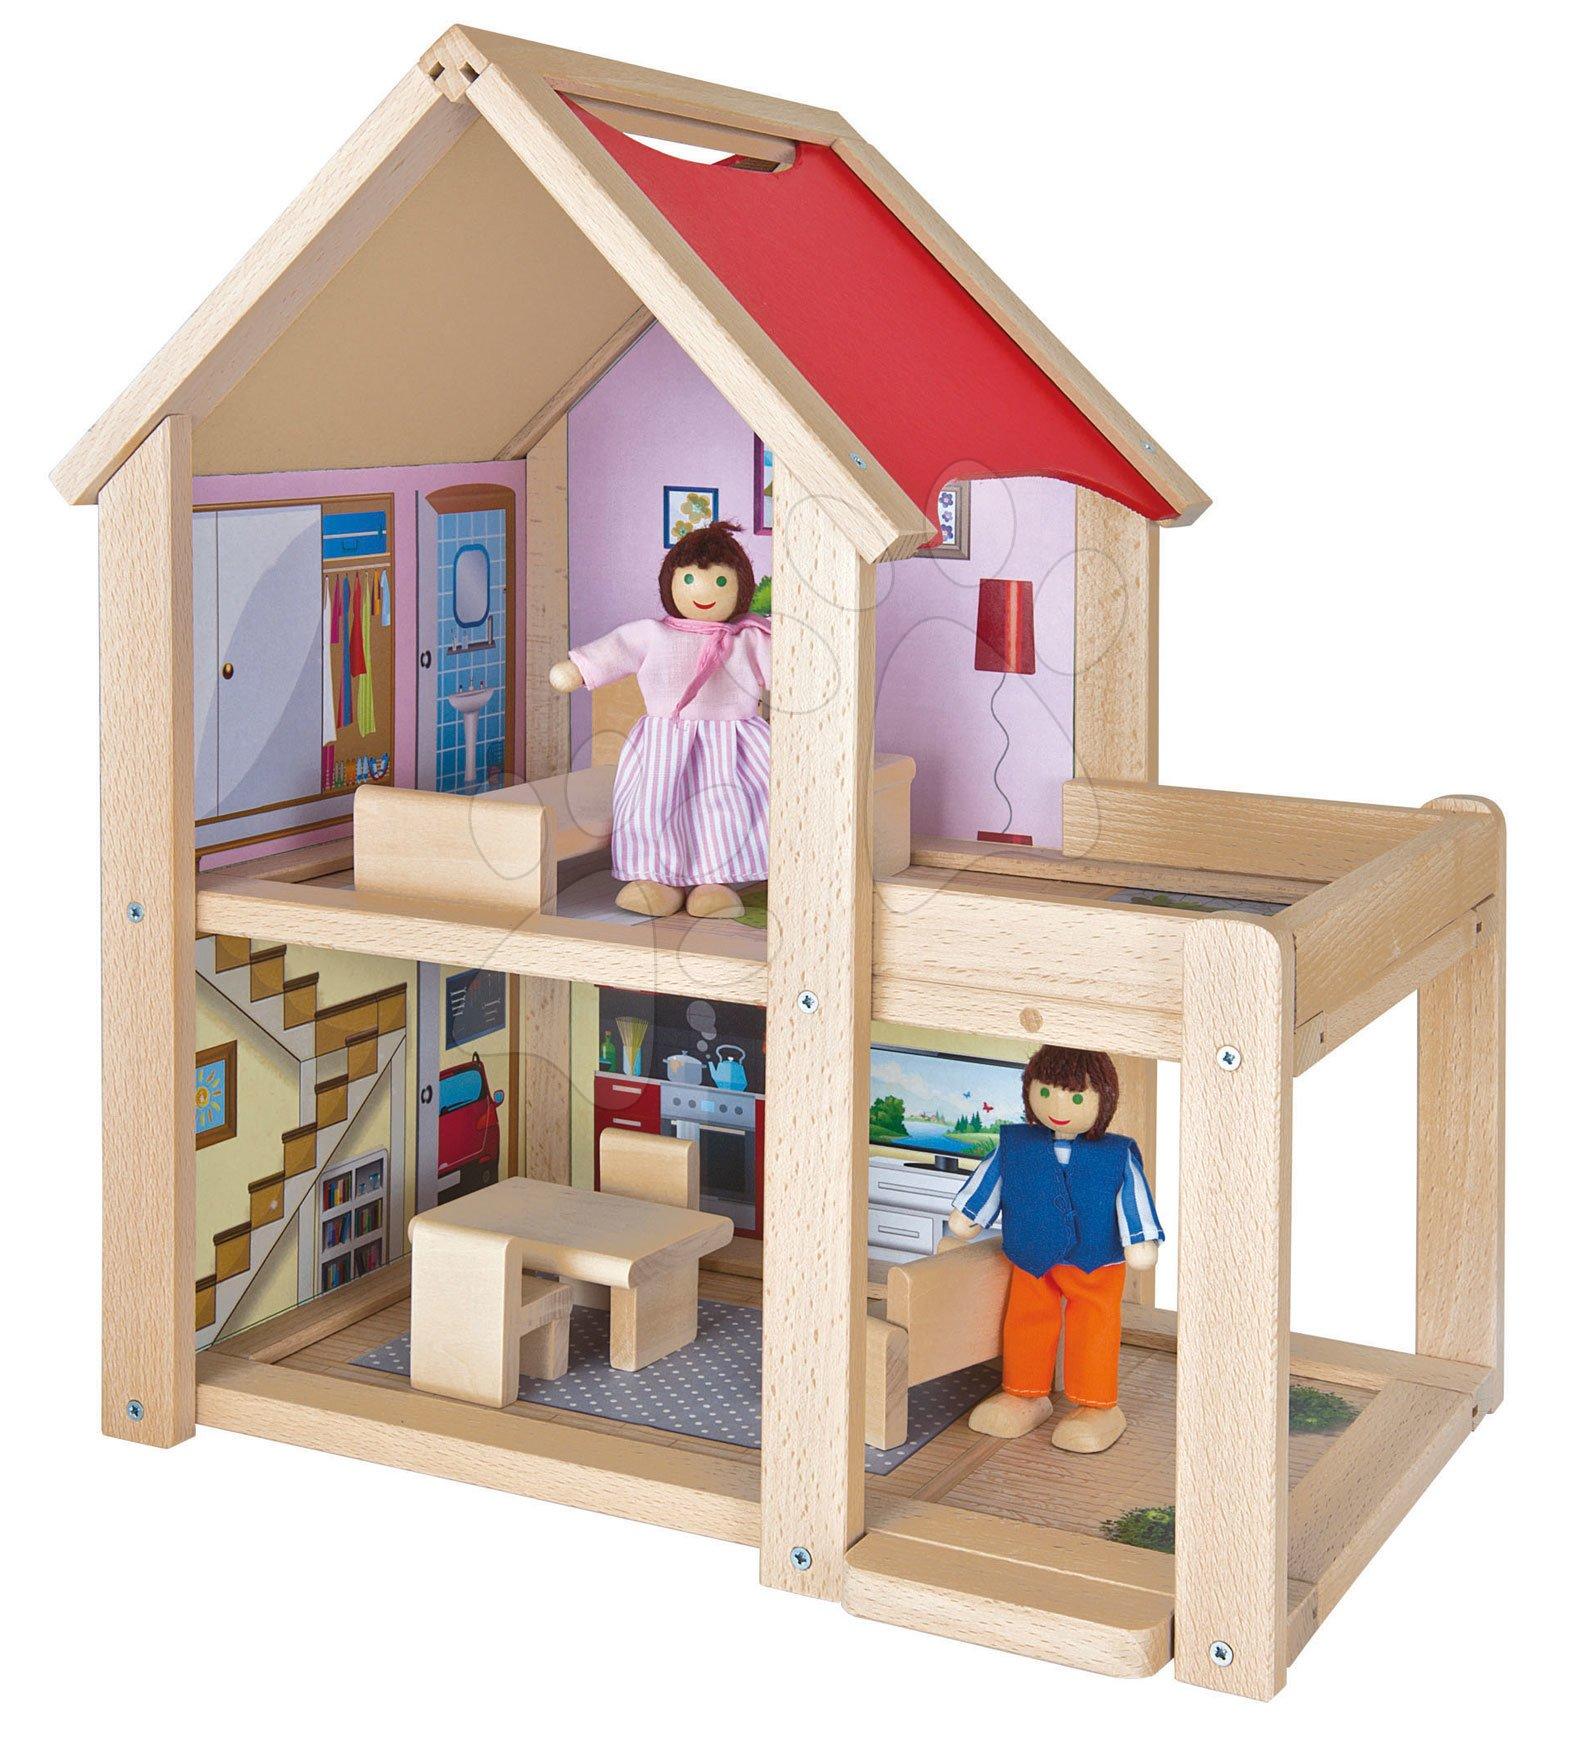 Căsuță din lemn pentru păpuși Doll's House Eichhorn complet echipat cu mobilier și 2 figurine înălțime 41 cm